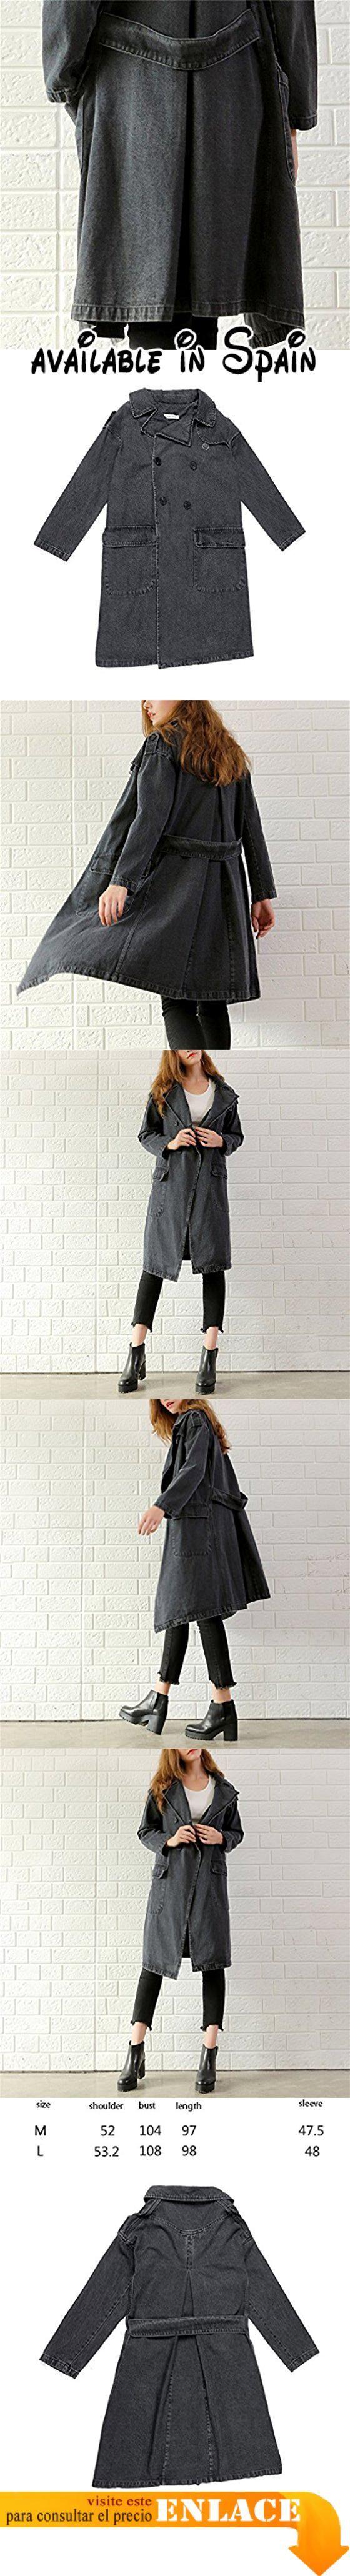 B076FTPRRC : Honghu Mujer Encapuchado Chaquetas Silm Fit Jeans Manga Larga Cárdigan Corta Abrigo Vaquera Large Gris. Material: Denim. Métodos de lactancia: lavado a máquina o lavado a mano. Invierno preferido seleccionados de alta calidad plumas cálido y bueno hermoso diseño exquisita sastrería con una hermosa cremallera le traen un sentido de la moda al mismo tiempo le dan calidez. Advertencia: 1. Como resultado de la luz ángulo de tiro y otras razones el